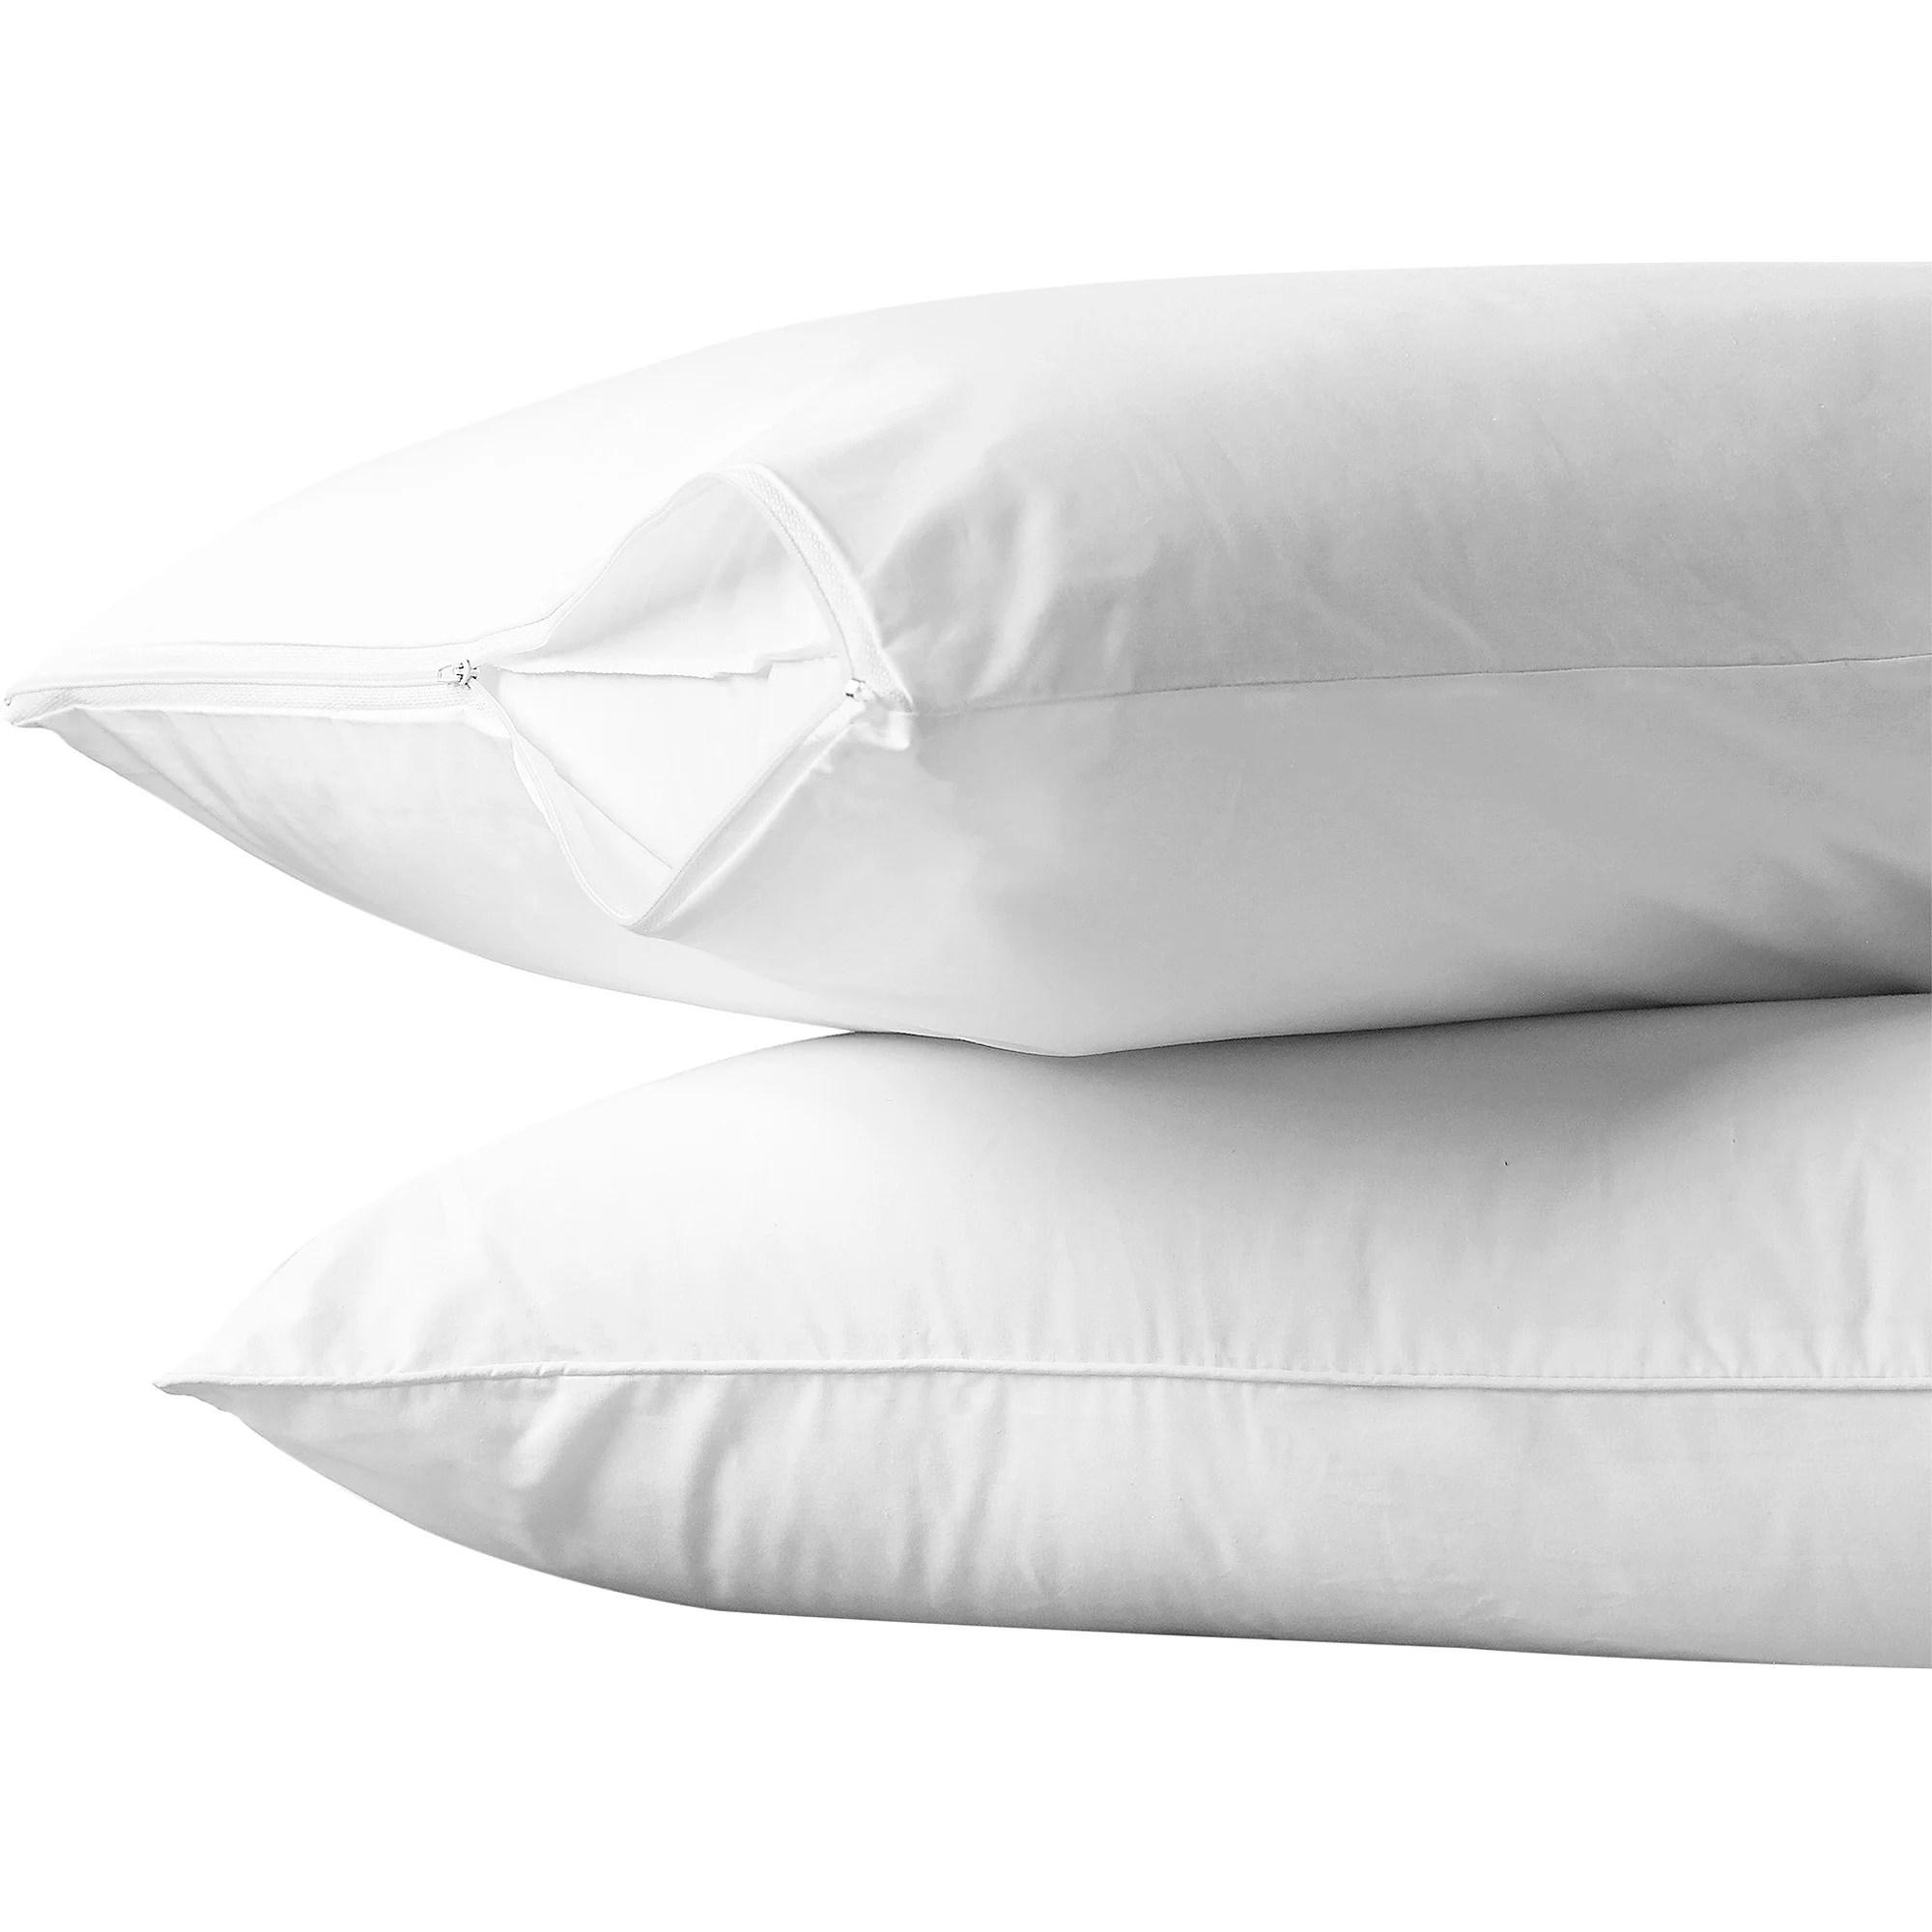 allerease cotton allergy protection pillow protector 2pk walmart com